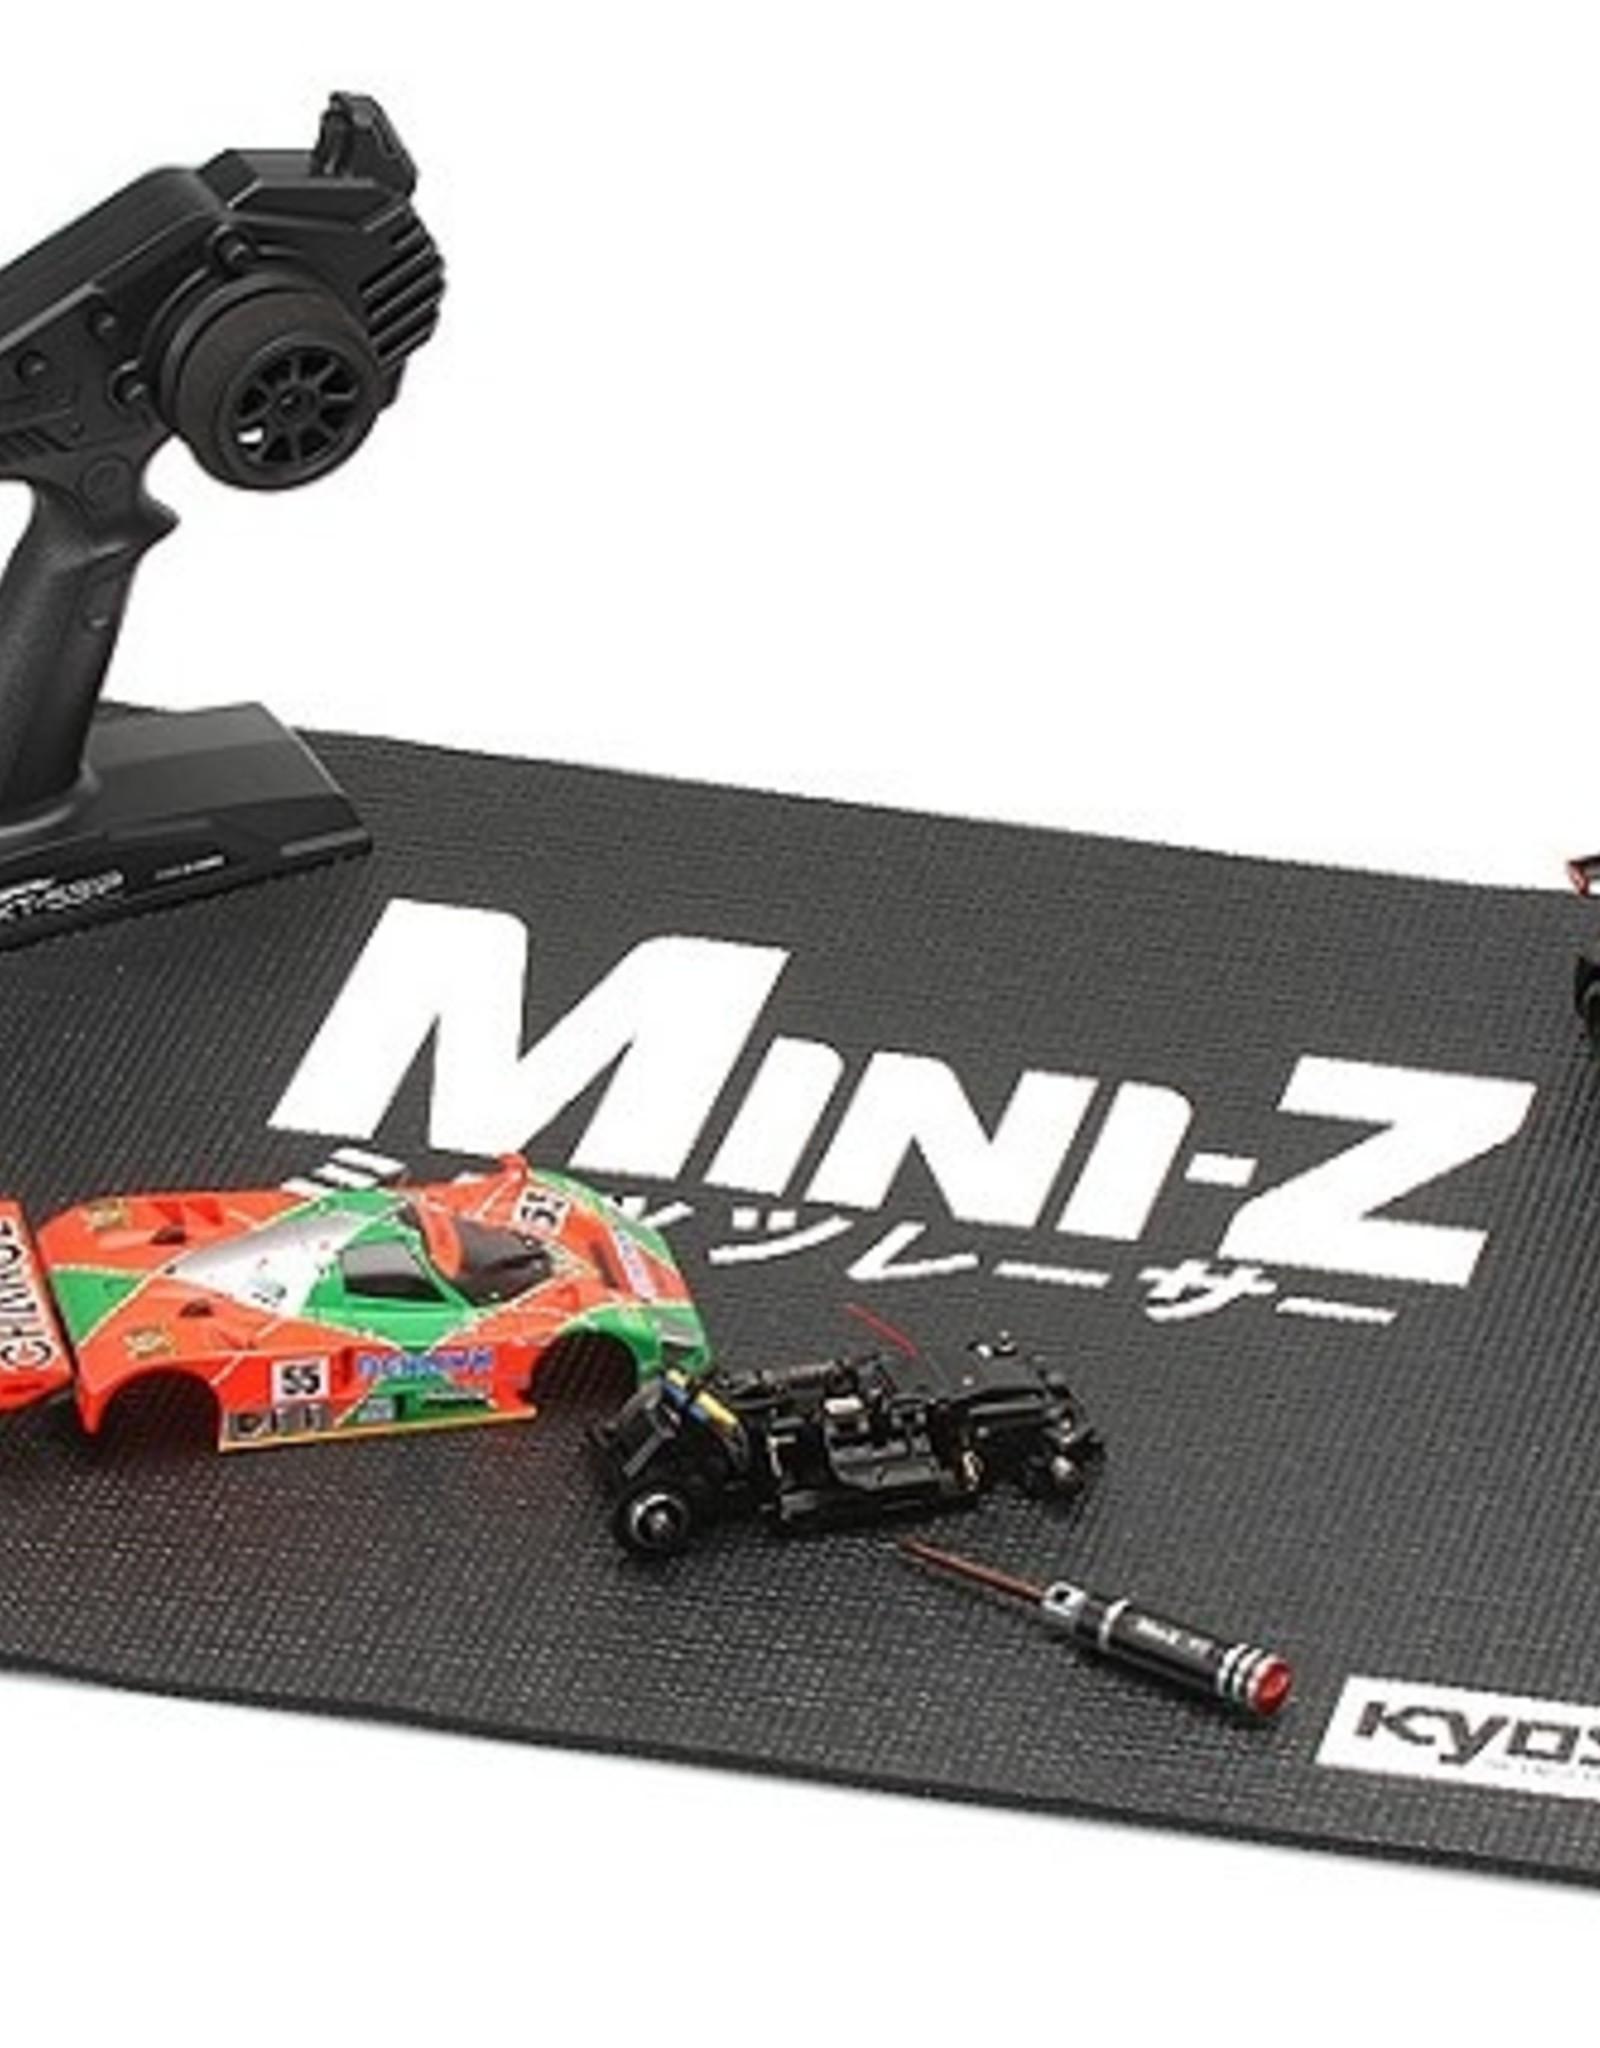 Kyosho Kyosho Mini-Z Black Pitmat 17x24 inch